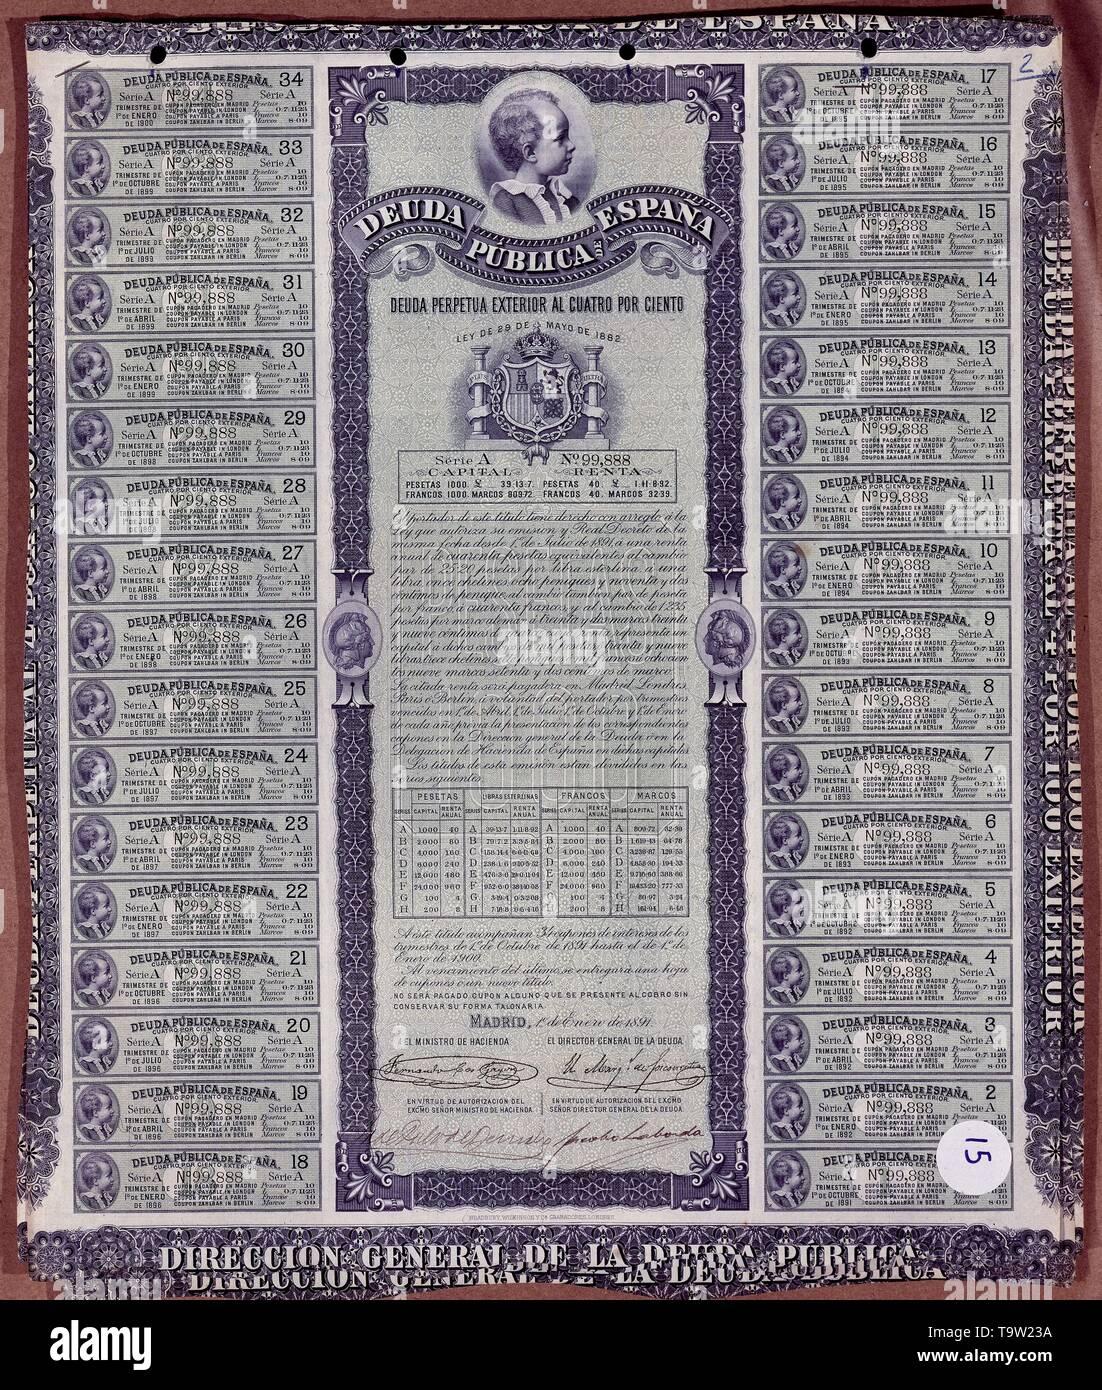 DEUDA PERPETUA EXTERIOR AL 4% ENERO 1891. Location: BOLSA DE COMERCIO-COLECCION. MADRID. SPAIN. - Stock Image